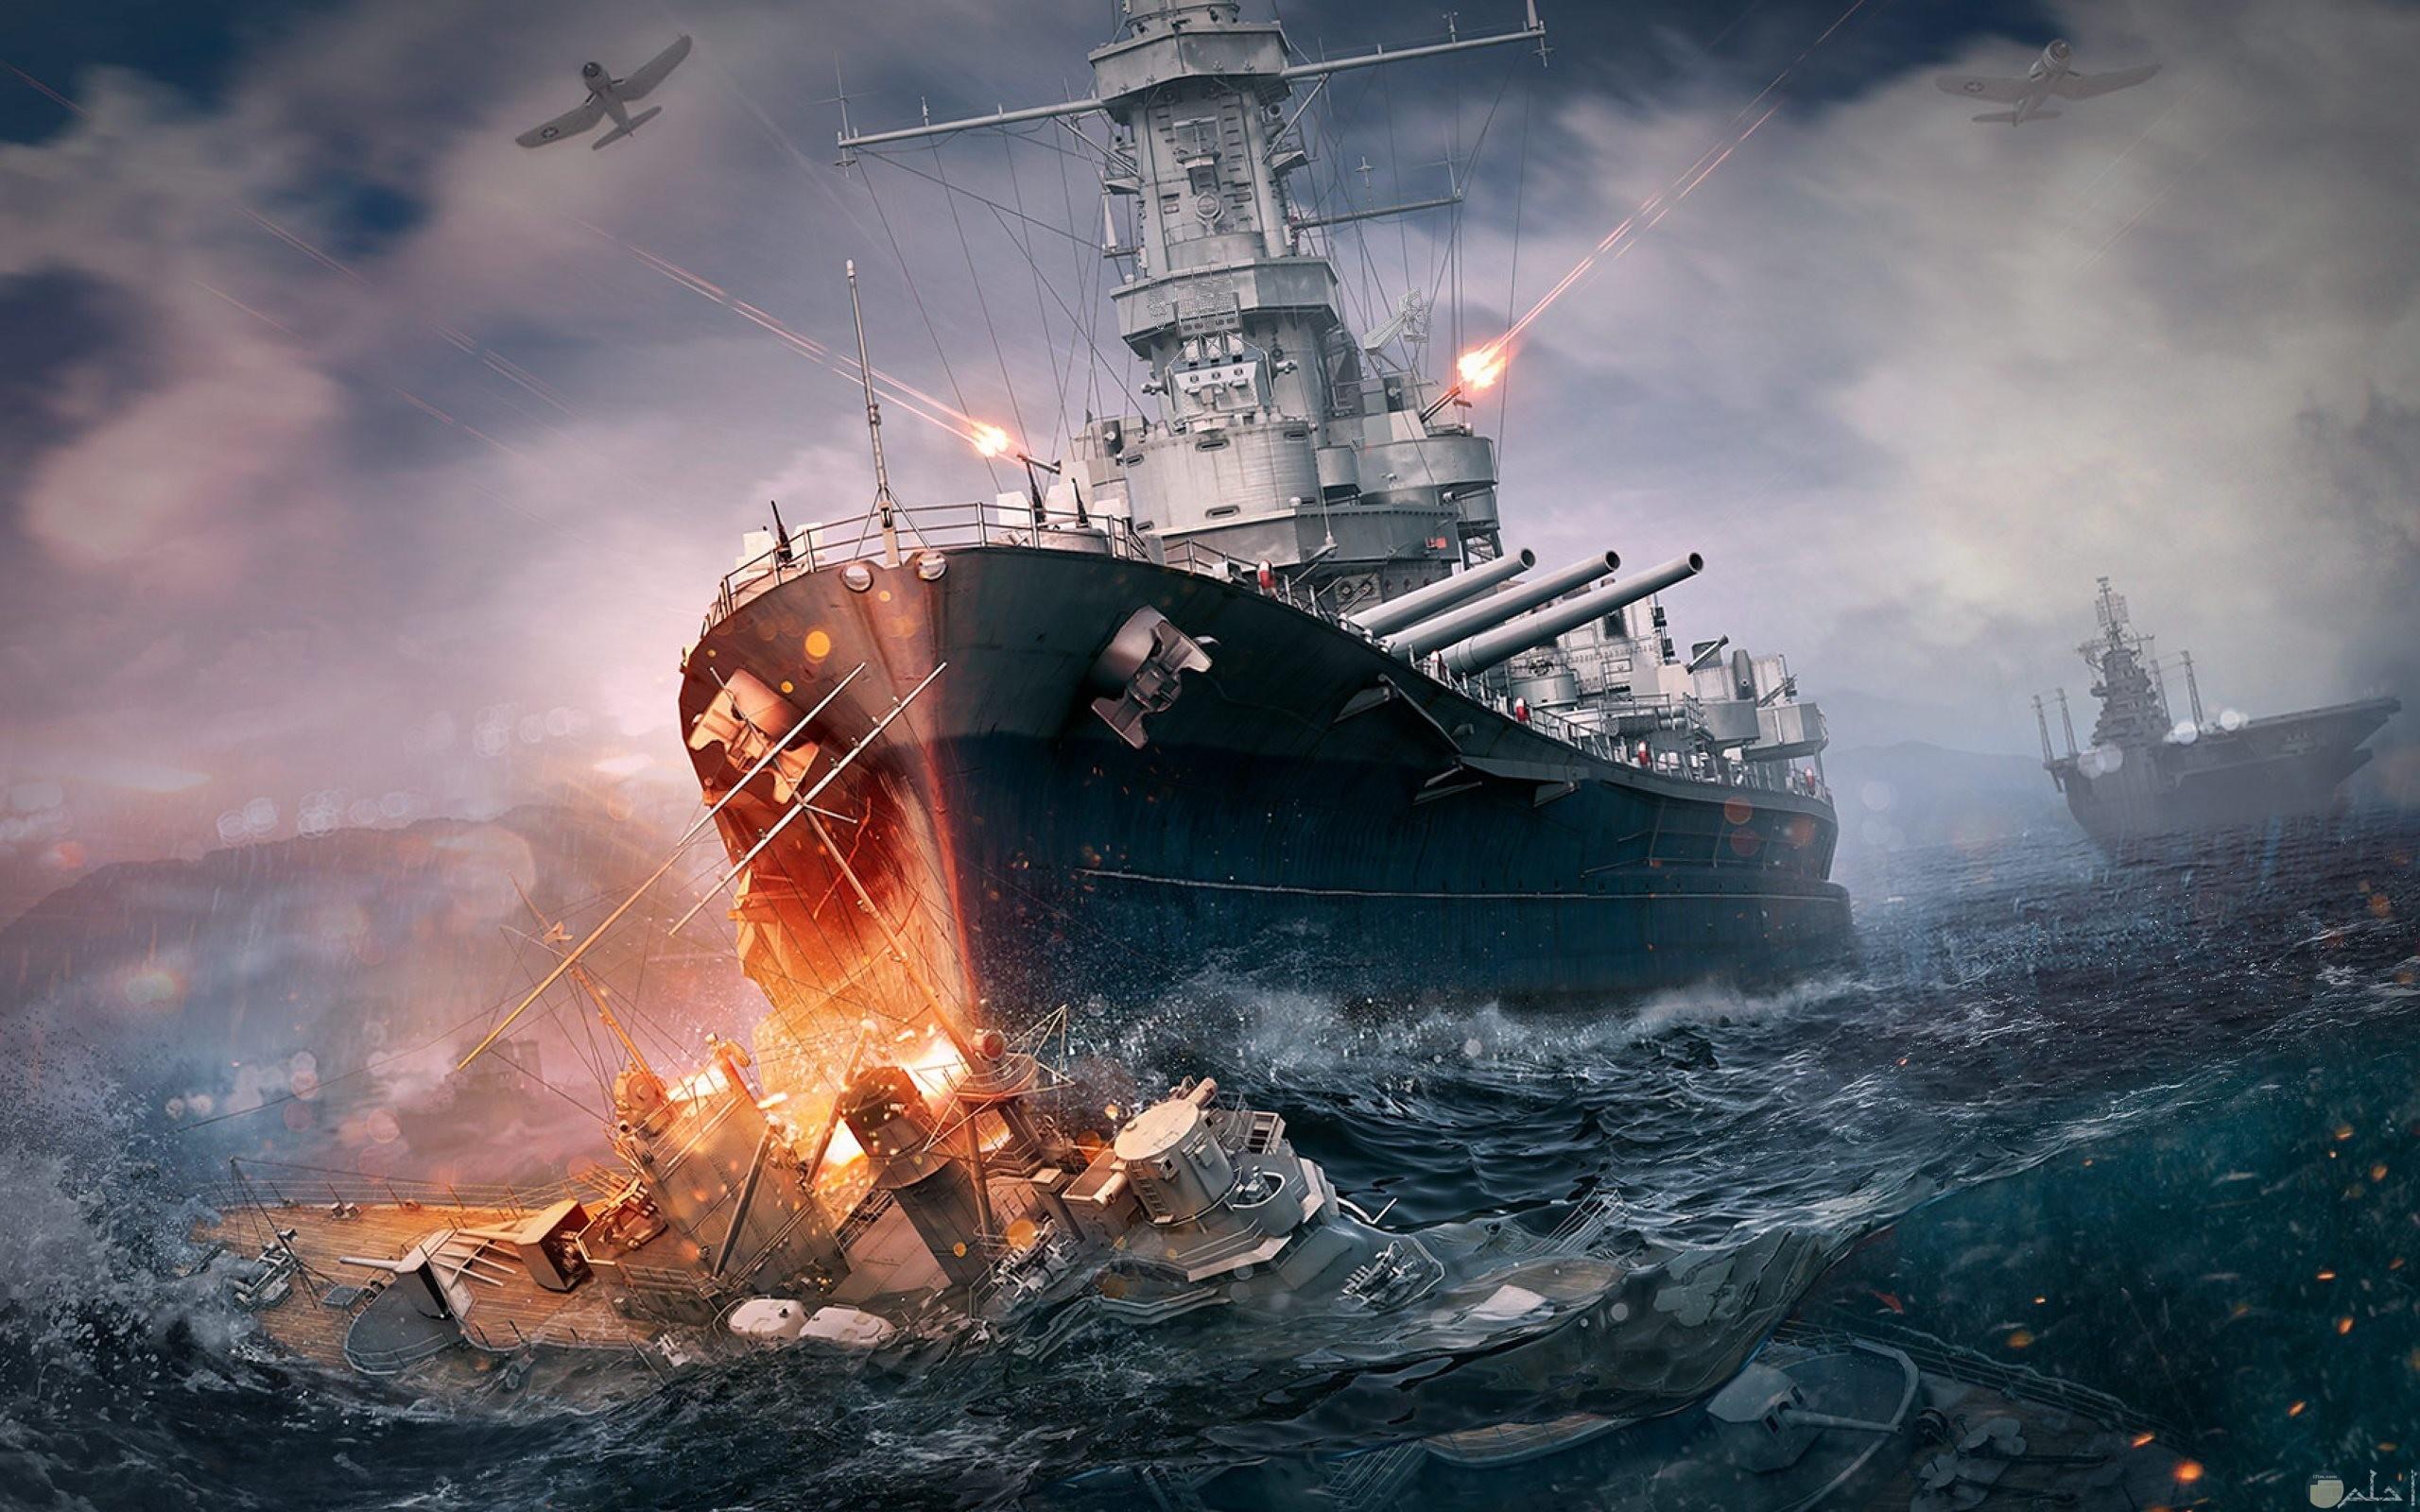 سفينة كبير تبحر وسيط اعصار.